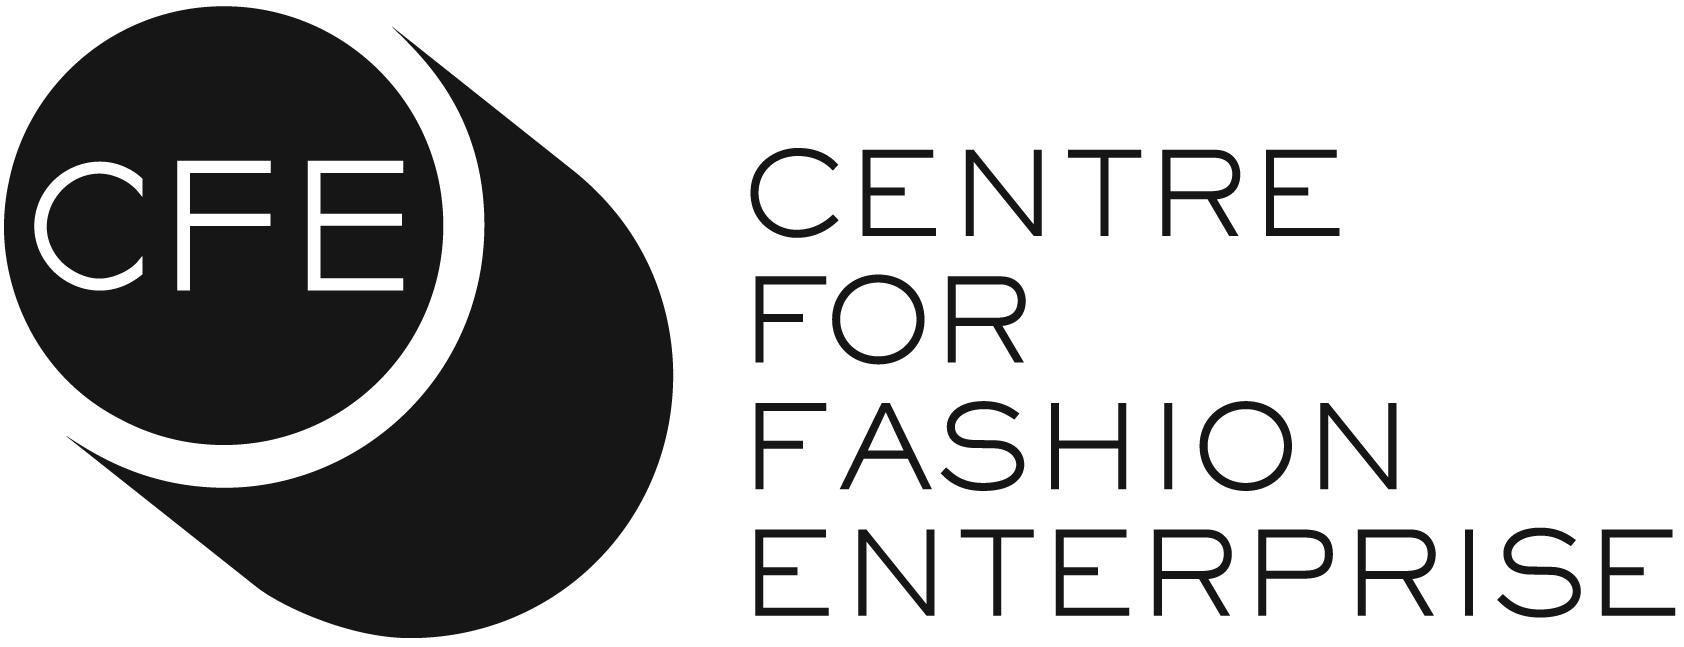 lg-centre-for-fashion-enterprise.png